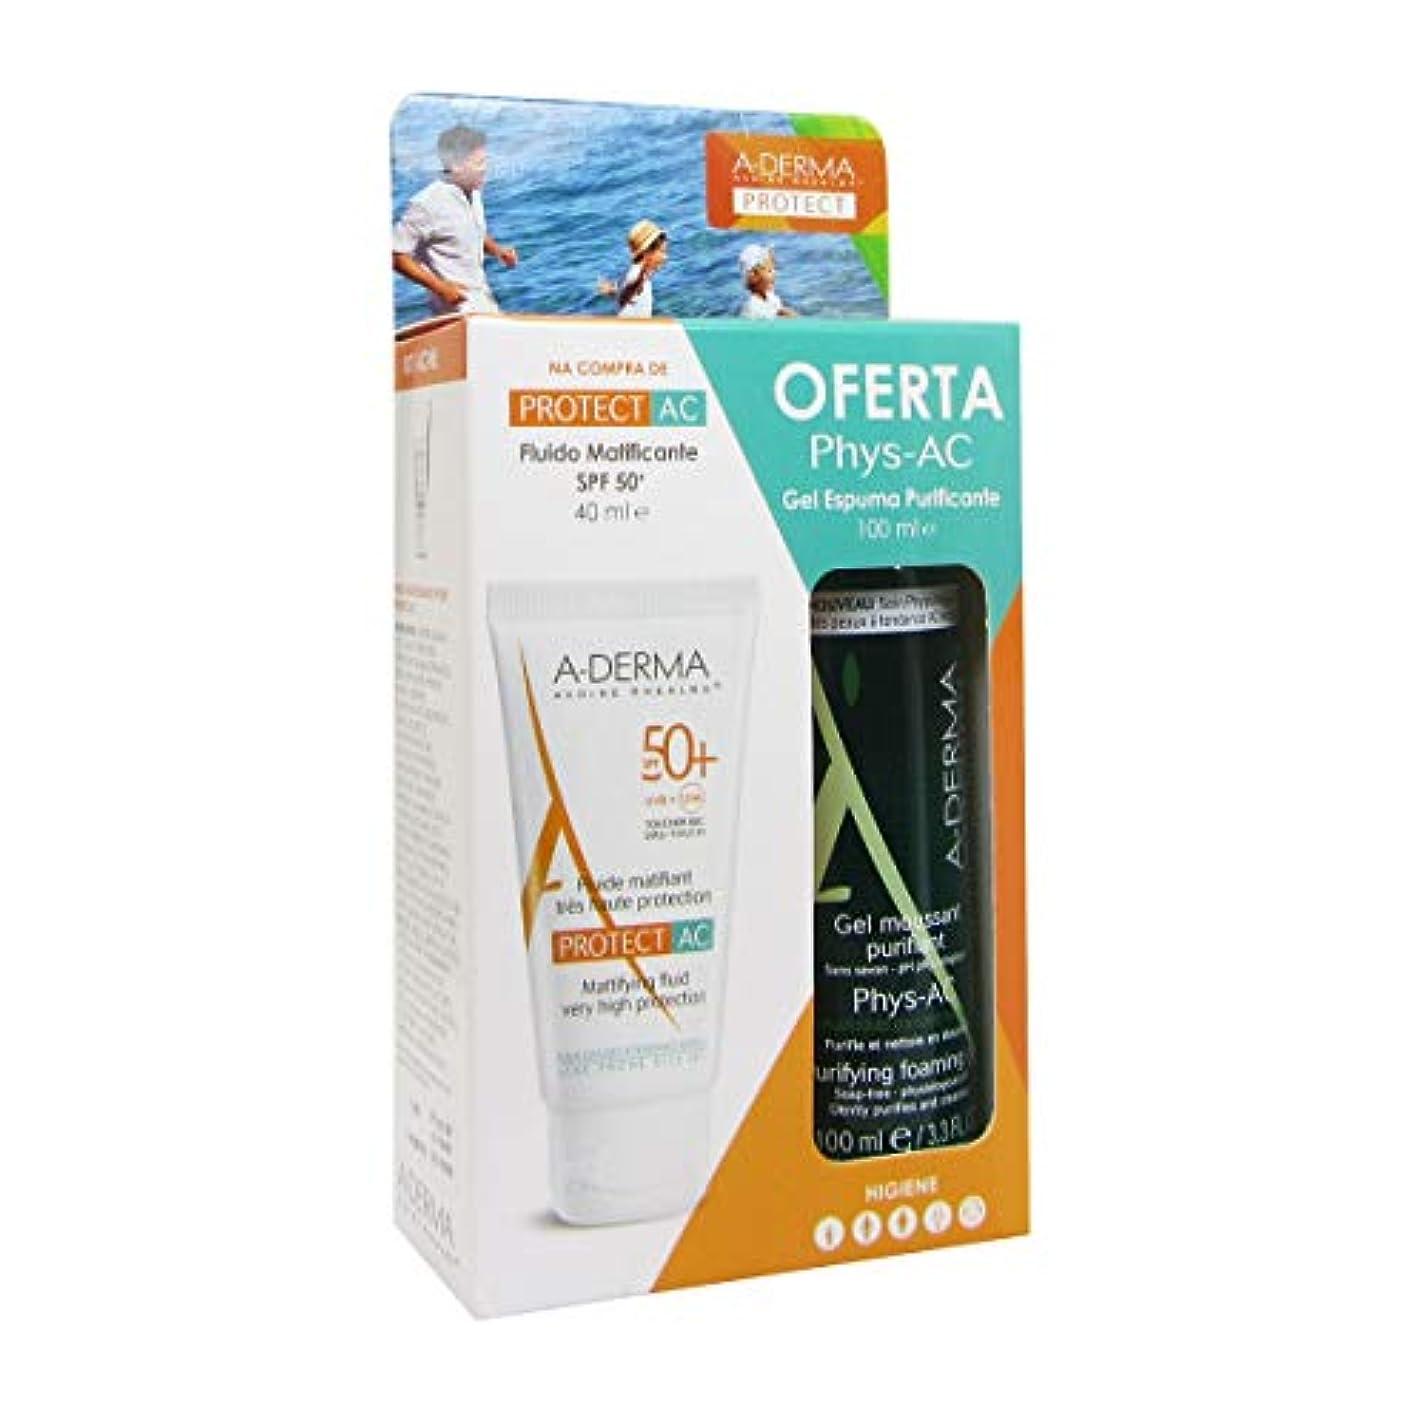 処方するシャッター擁するA-derma Pack Protect-ac Fluid Spf50 + 40ml + Phys-ac Foam Gel 100ml [並行輸入品]